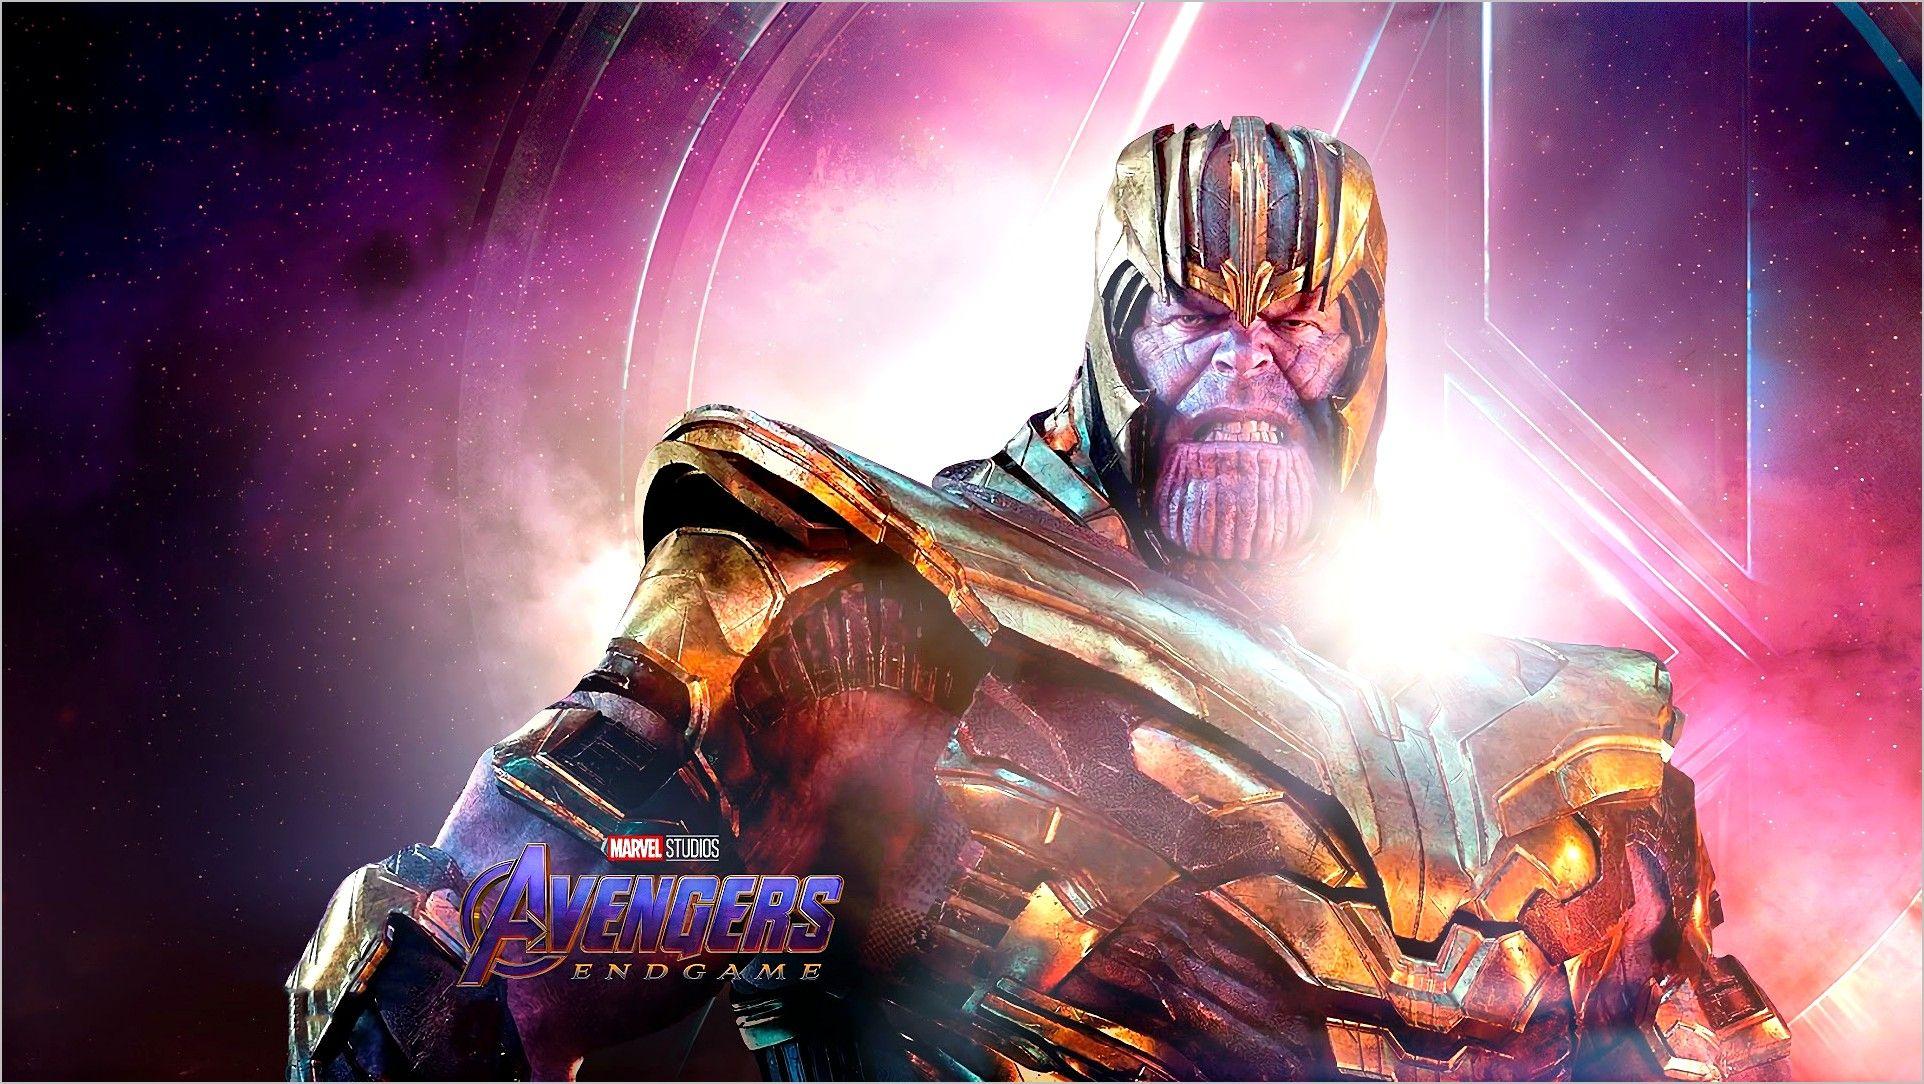 Thanos 4k Wallpaper Dual In 2020 Avengers Wallpaper Wallpaper New Avengers